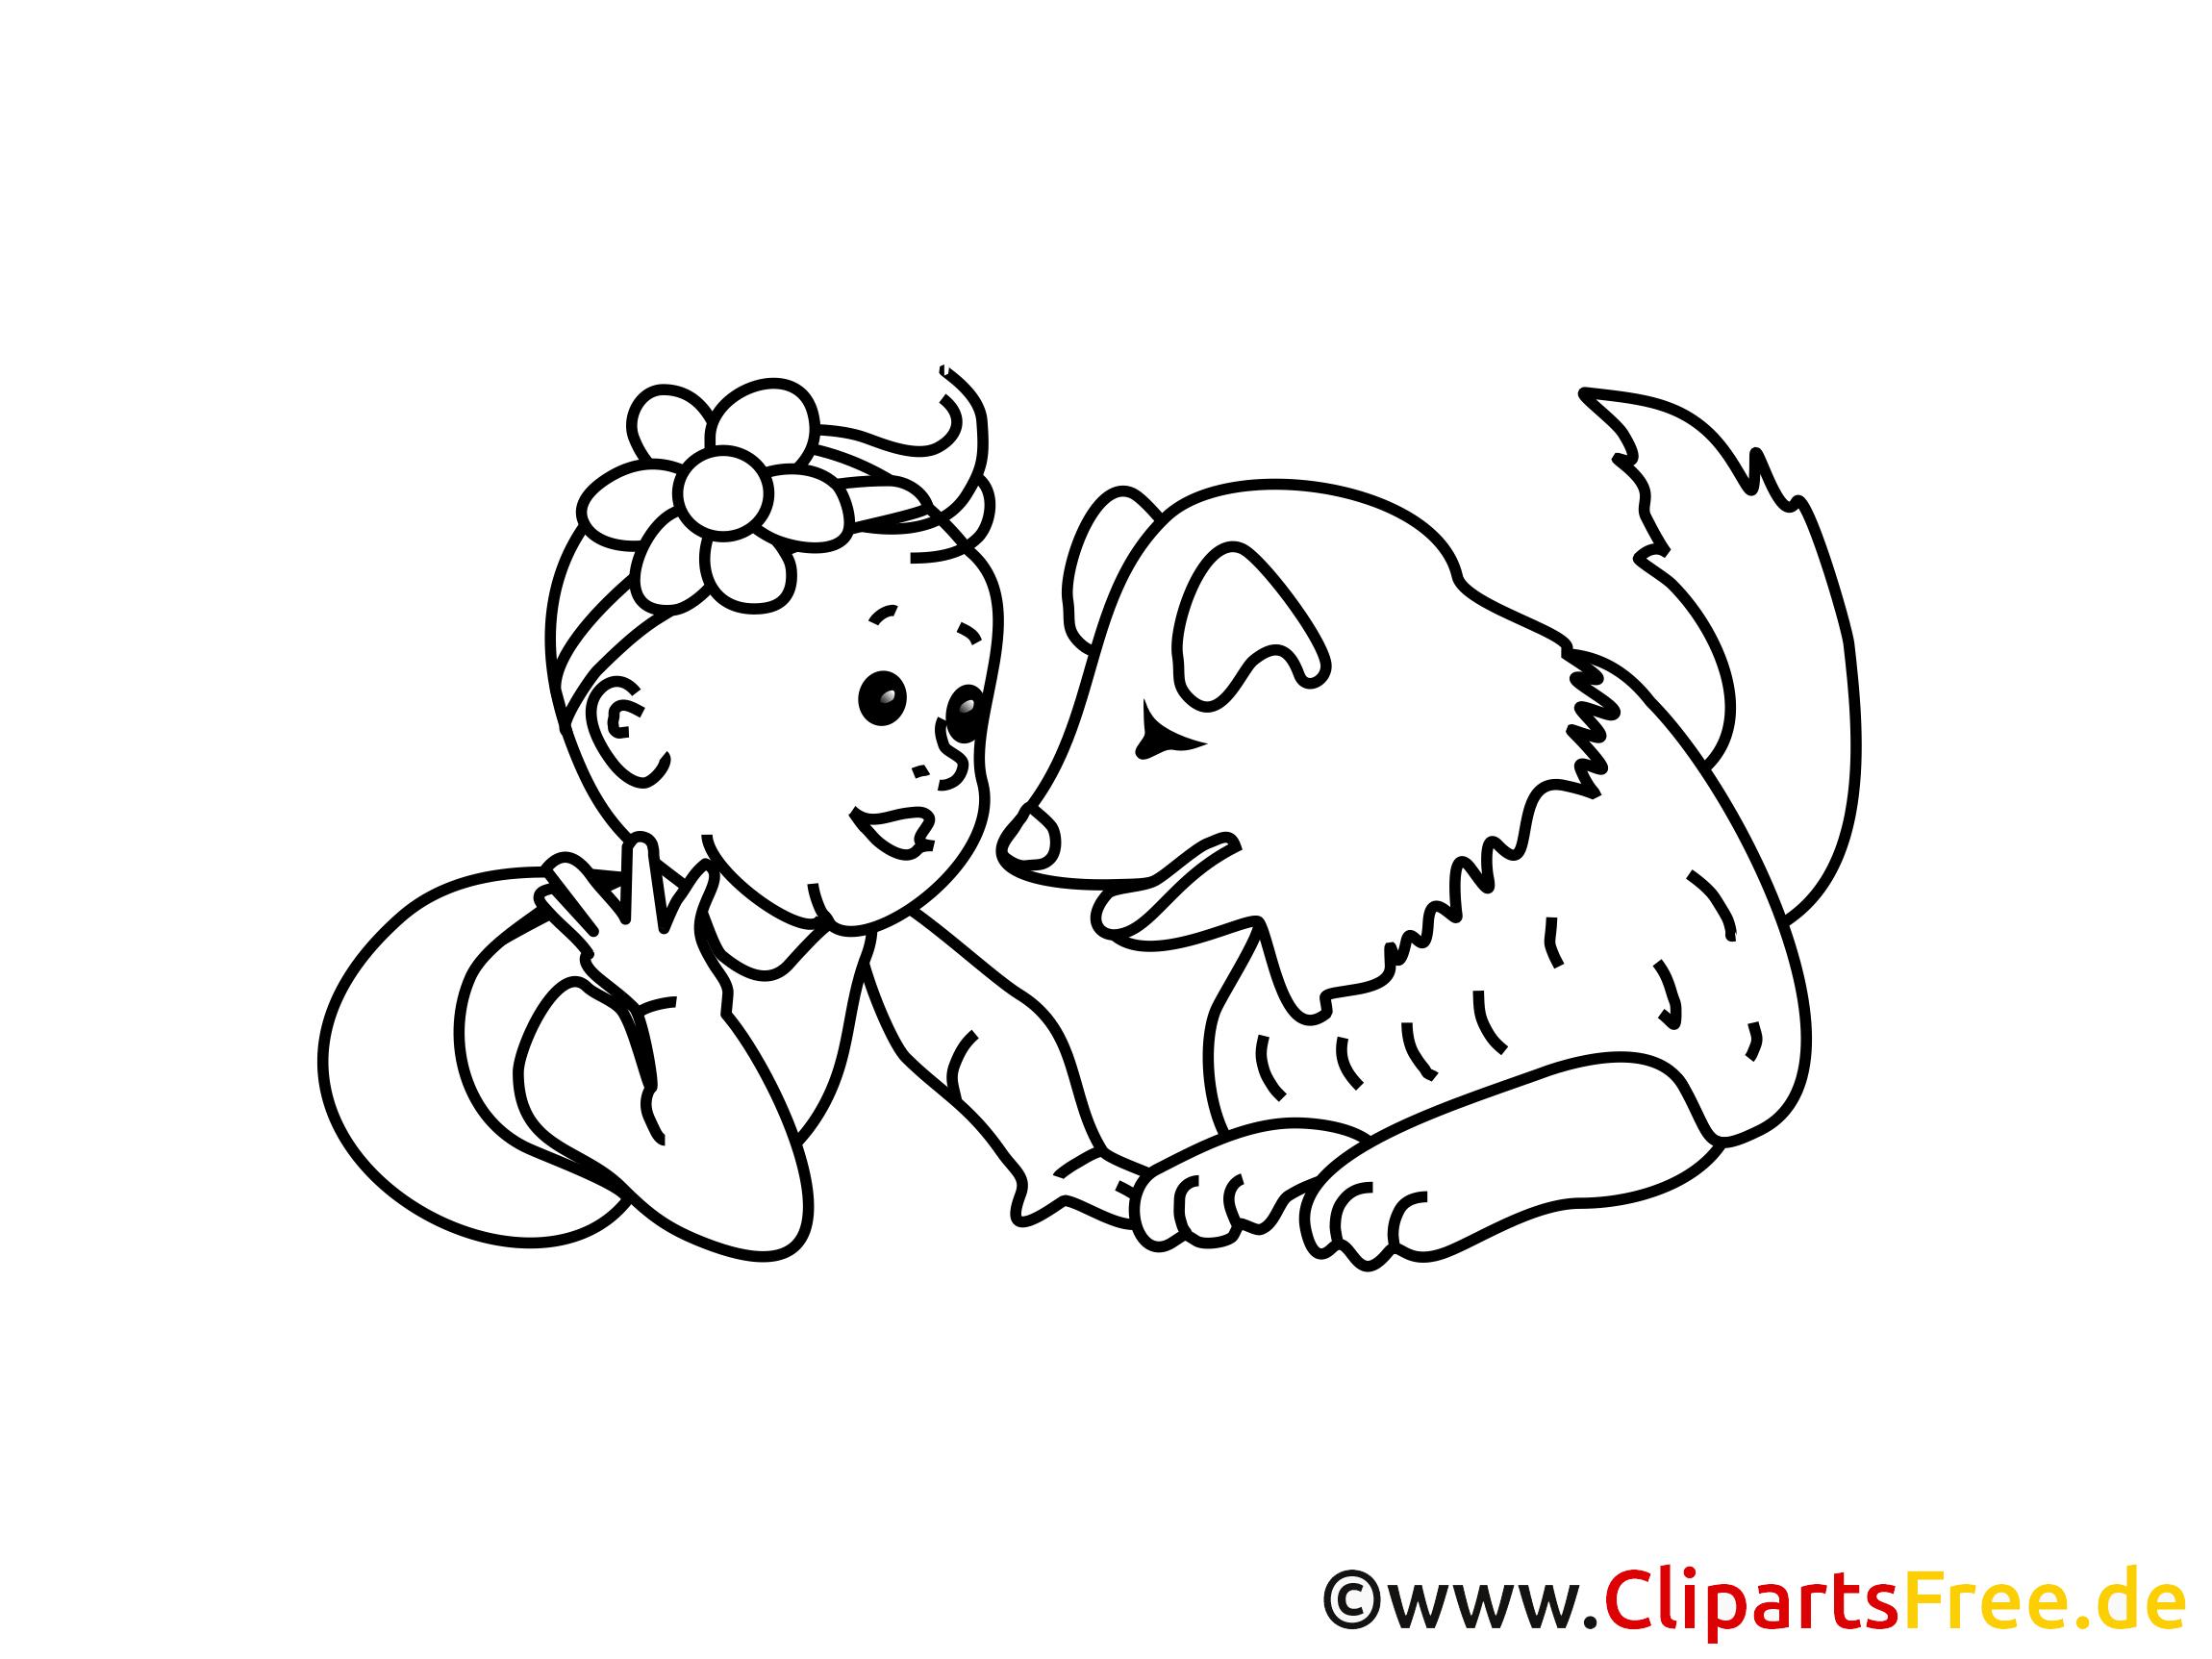 Gratis Malvorlage Mädchen und Hund